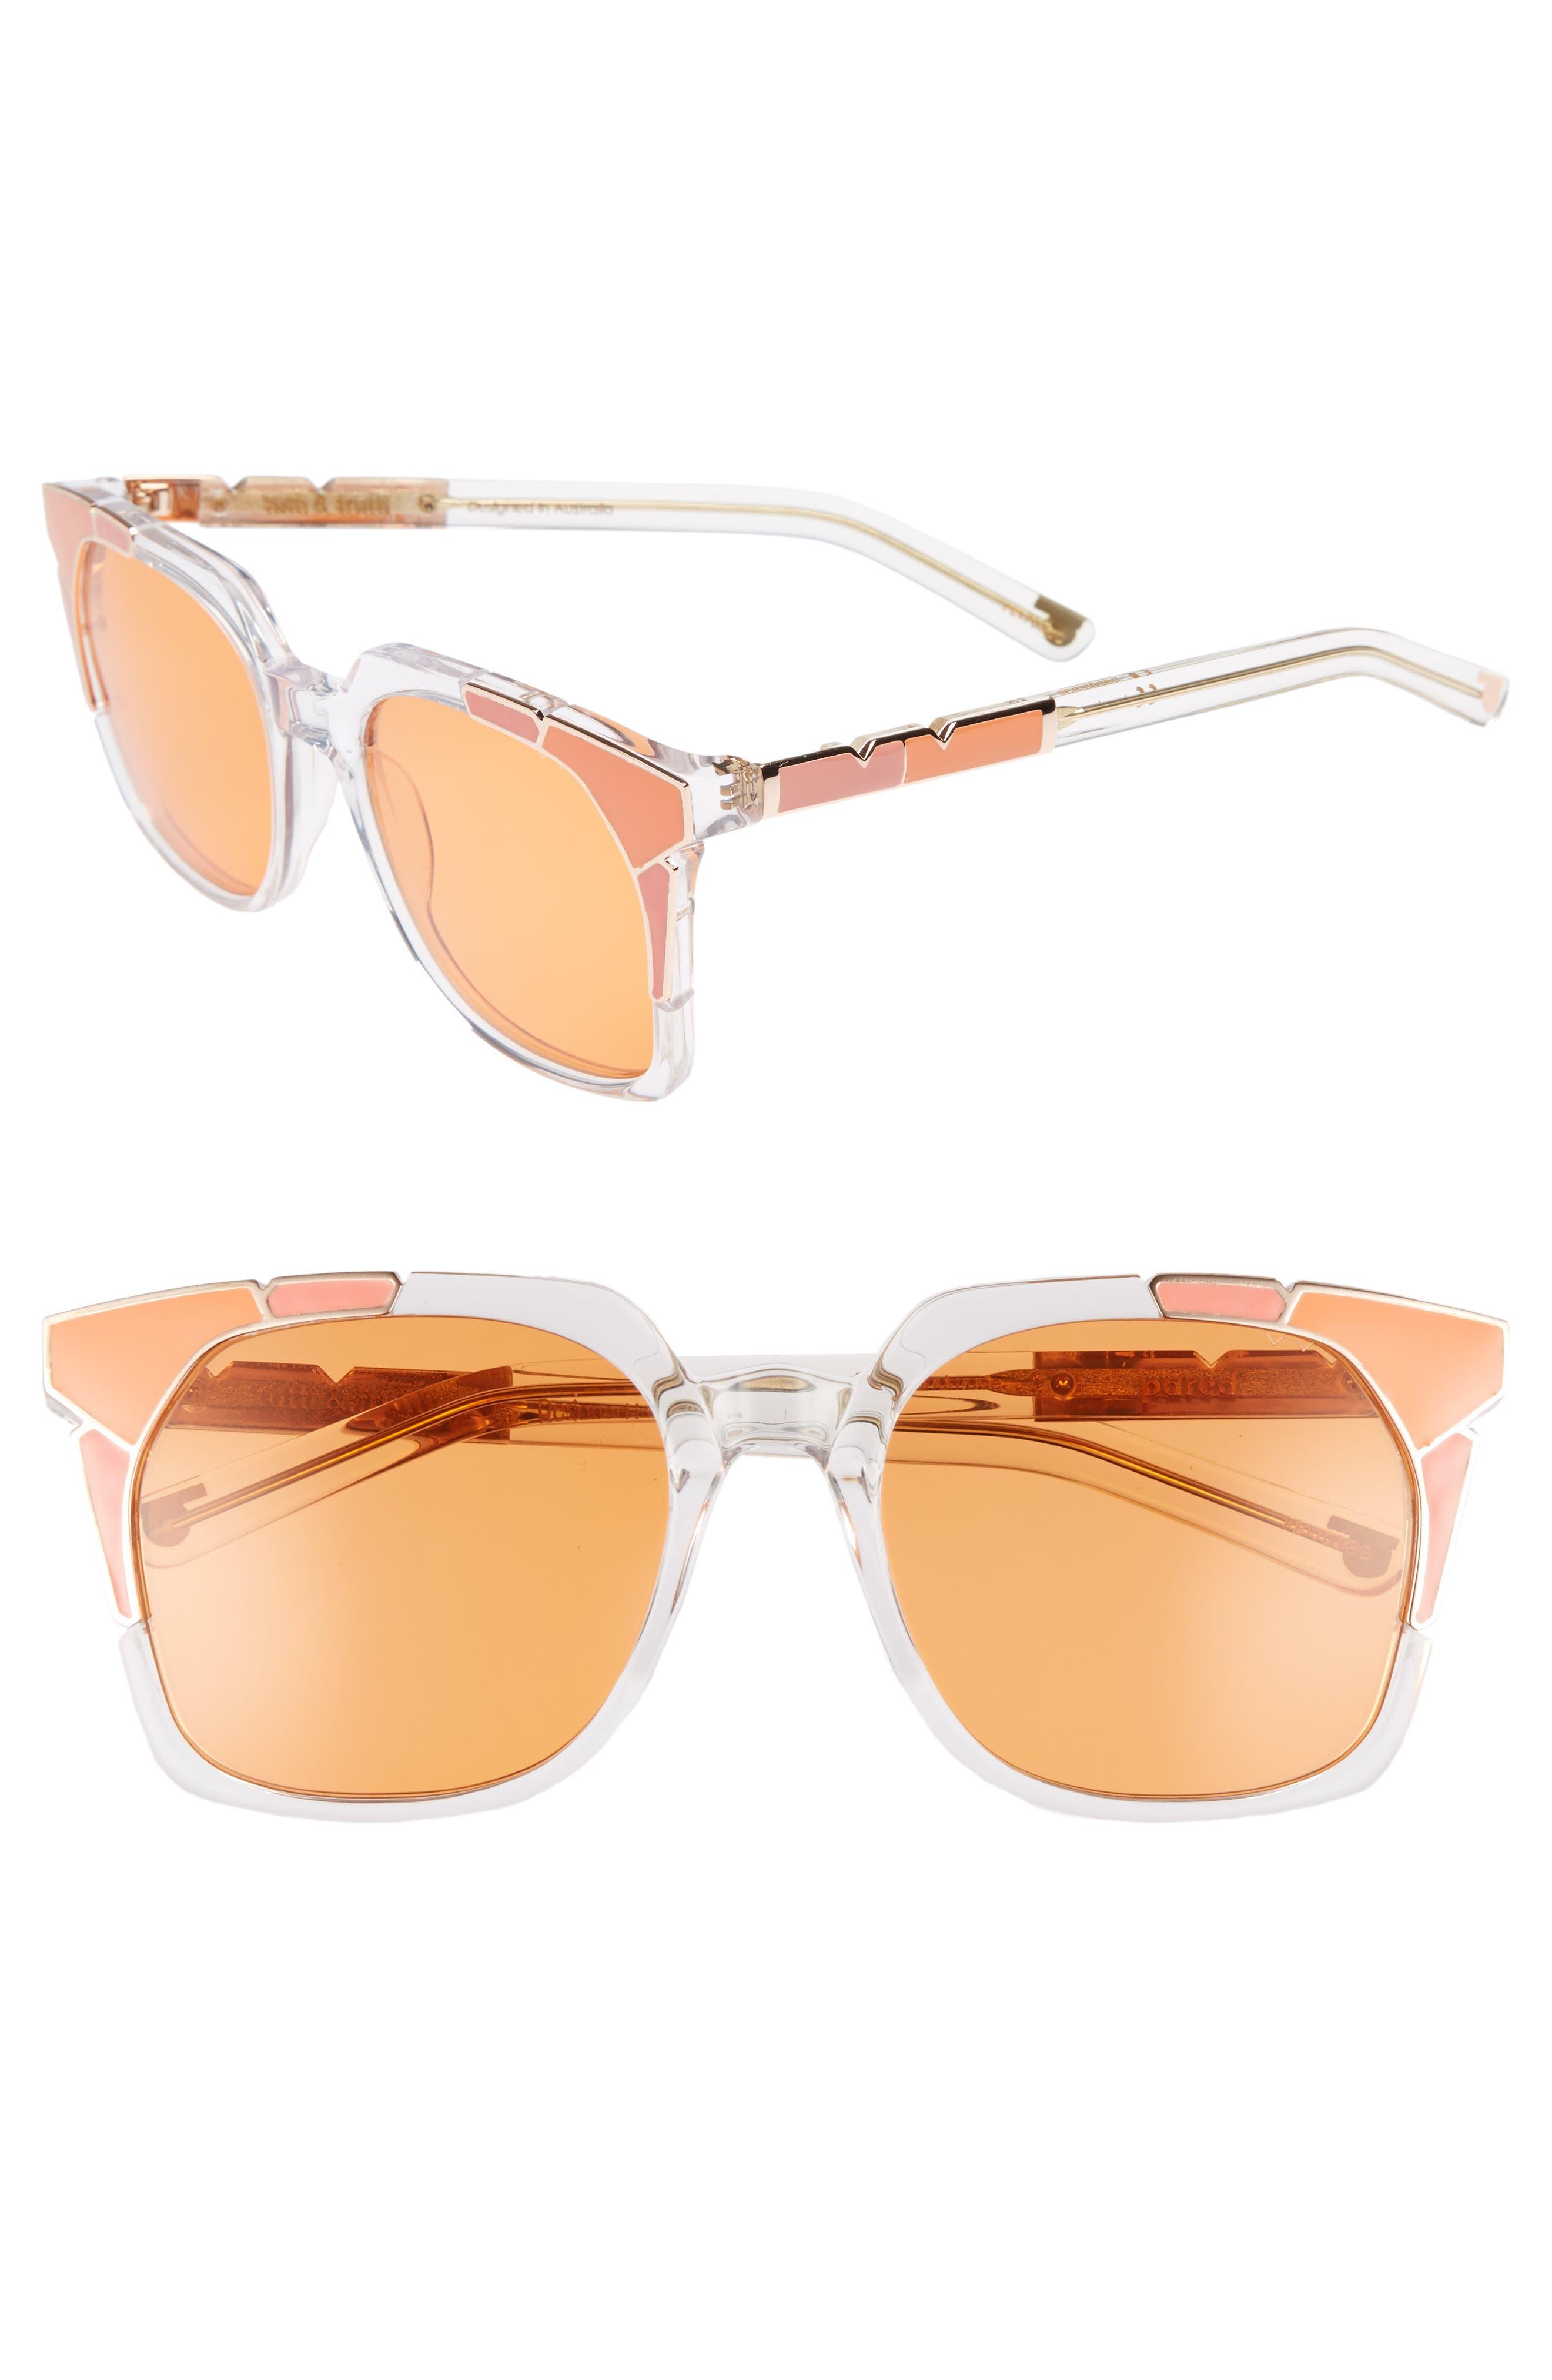 Tutti & Frutti 55mm Sunglasses,                         Main,                         color, Salmon Orange/ Rose Gold